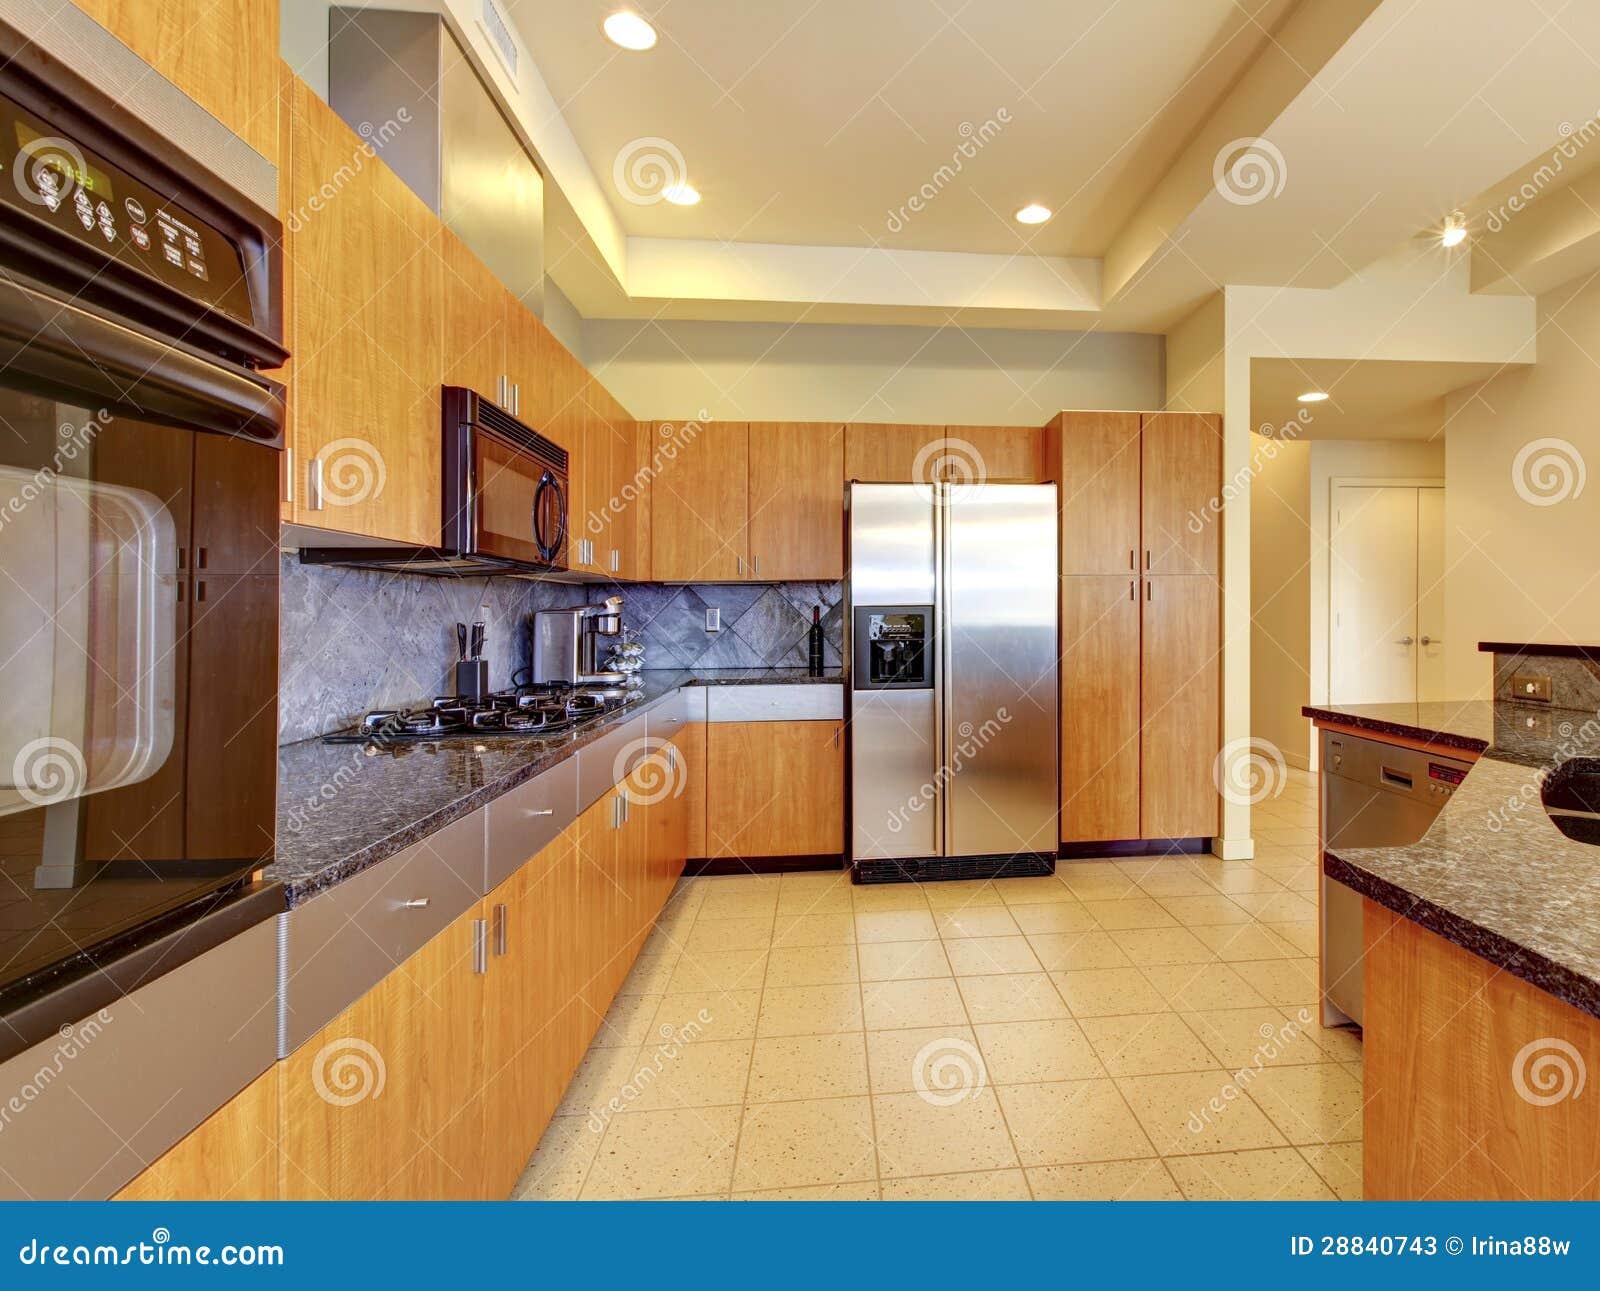 Grands cuisine en bois moderne avec le salon et haut plafond - Cuisine et salon moderne ...